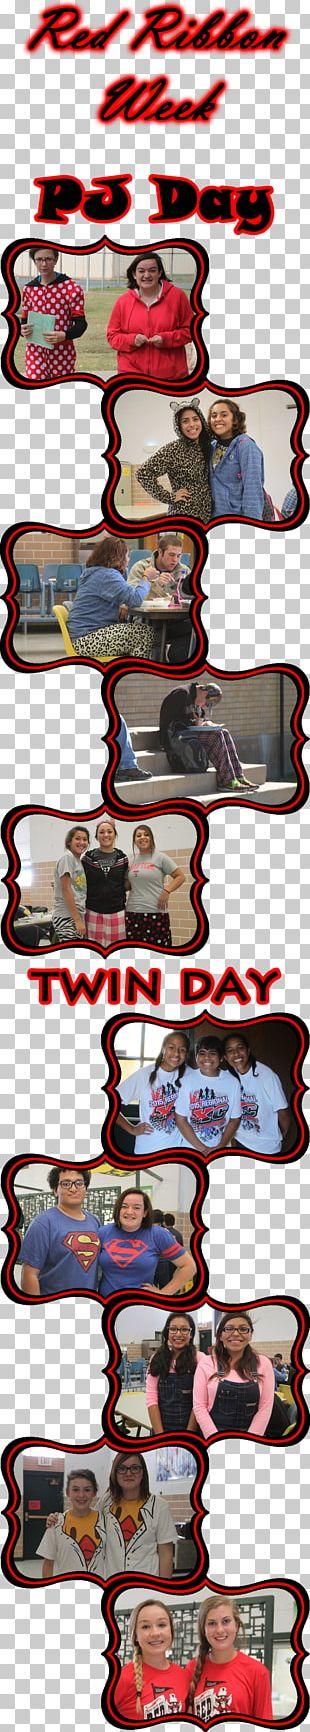 Weekend 2018 Springlake-Earth High School Red Ribbon Week PNG